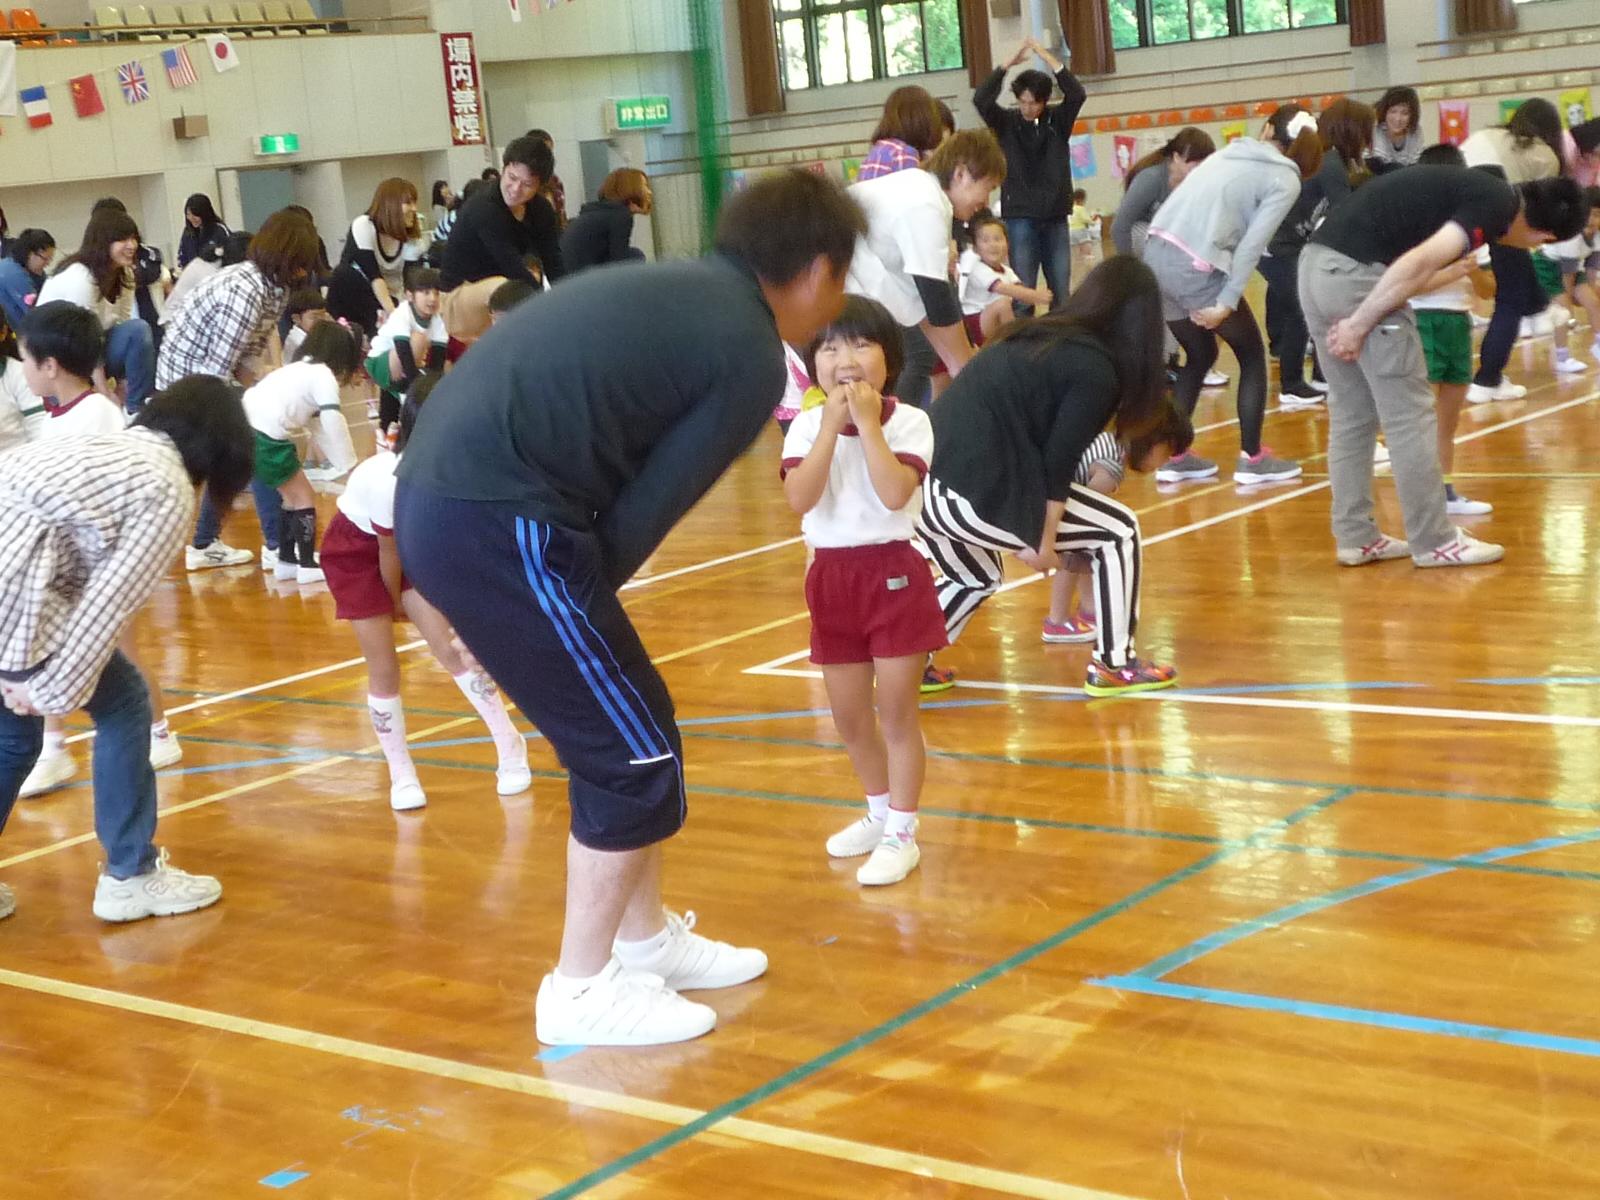 一生、わらべ心。(体育家庭教師代表のブログ) » 2014 » 5月